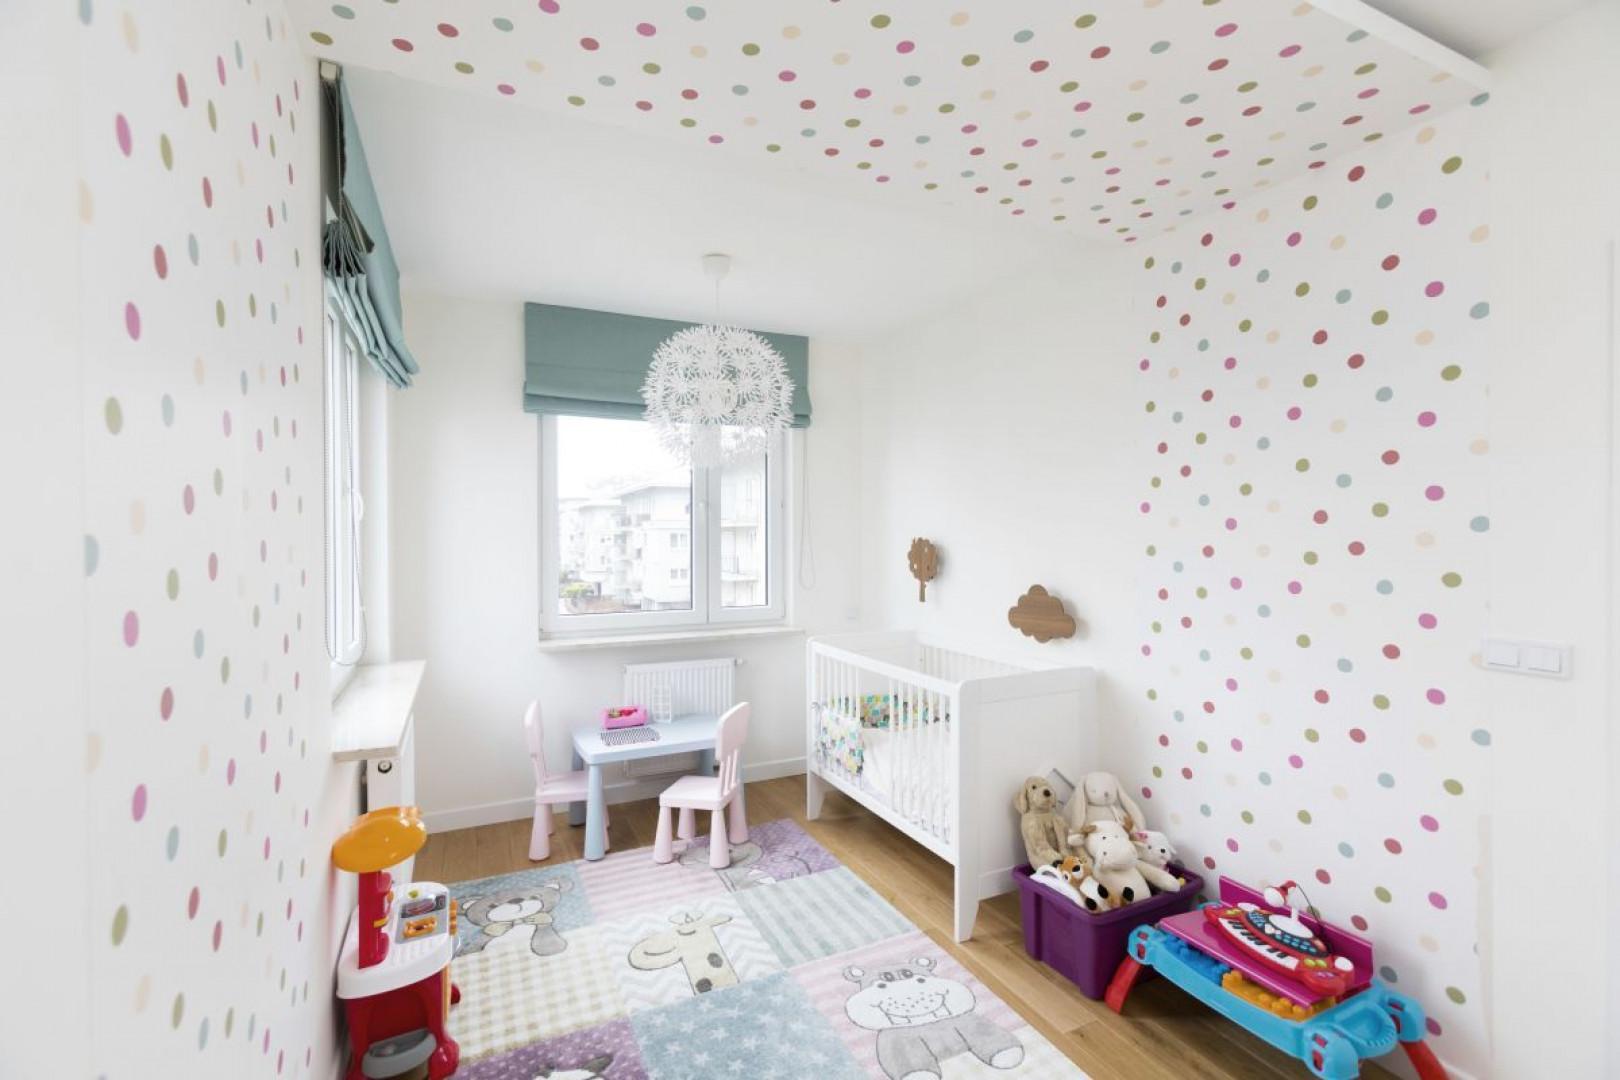 Otulająca wnętrza tapeta w kolorowe groszki, dywan w rozkoszne zwierzaki i dużo miejsca do zabawy – pokój jest tak radosny, że trzylatce nie chce się z niego wychodzić. Projekt: Małgorzata Górska-Niwińska (Pracownia Architektoniczna MGN).